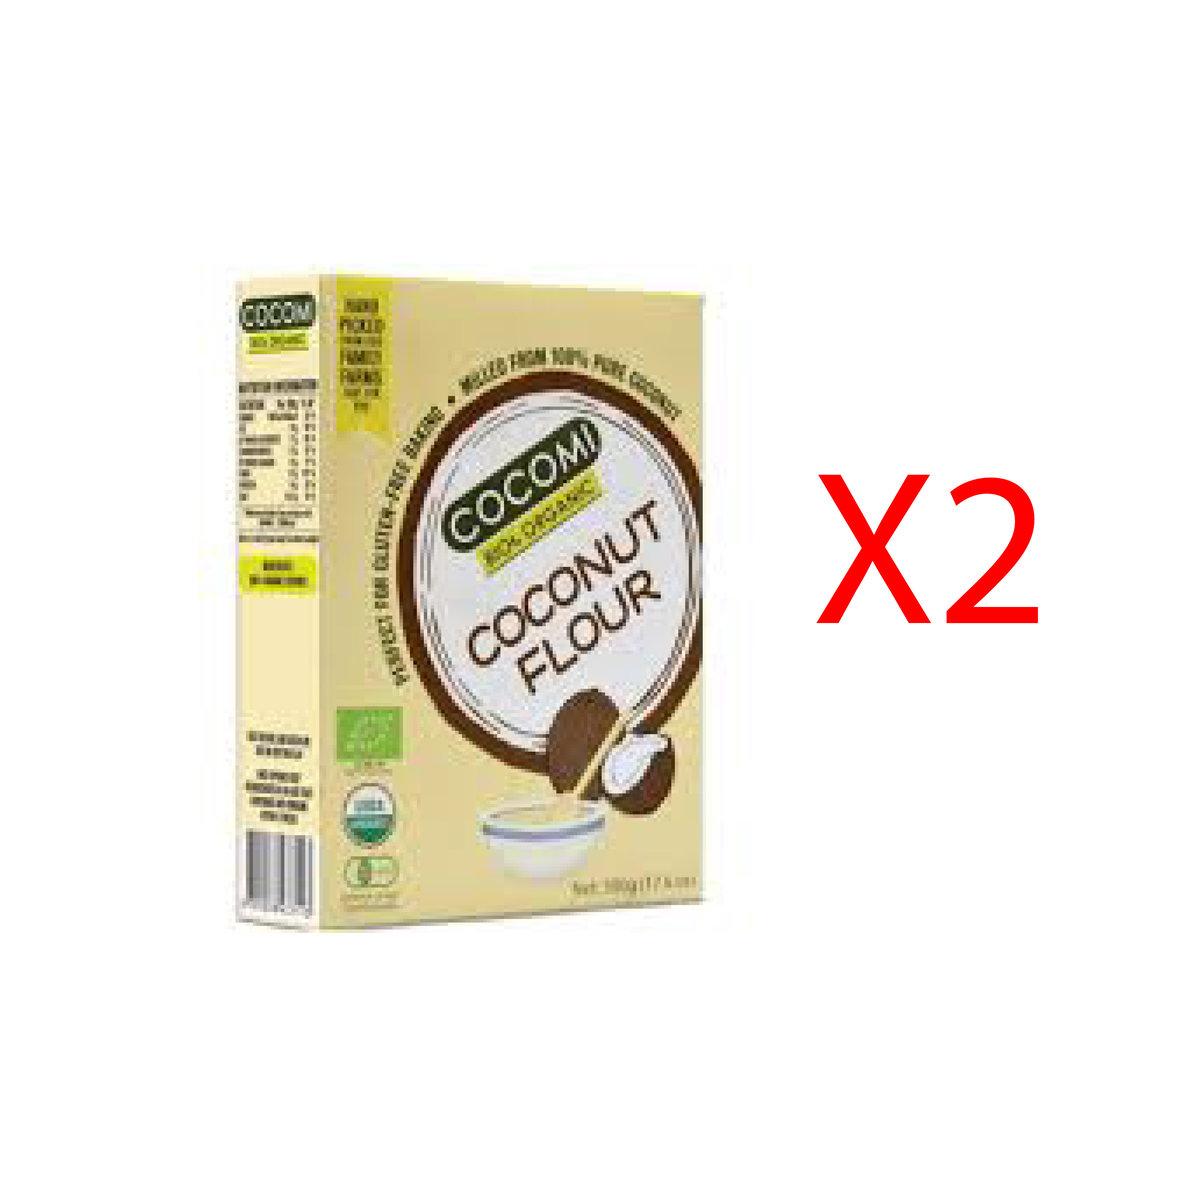 有機椰子粉 (生酮, 代替麵粉, 無麩) (2盒)